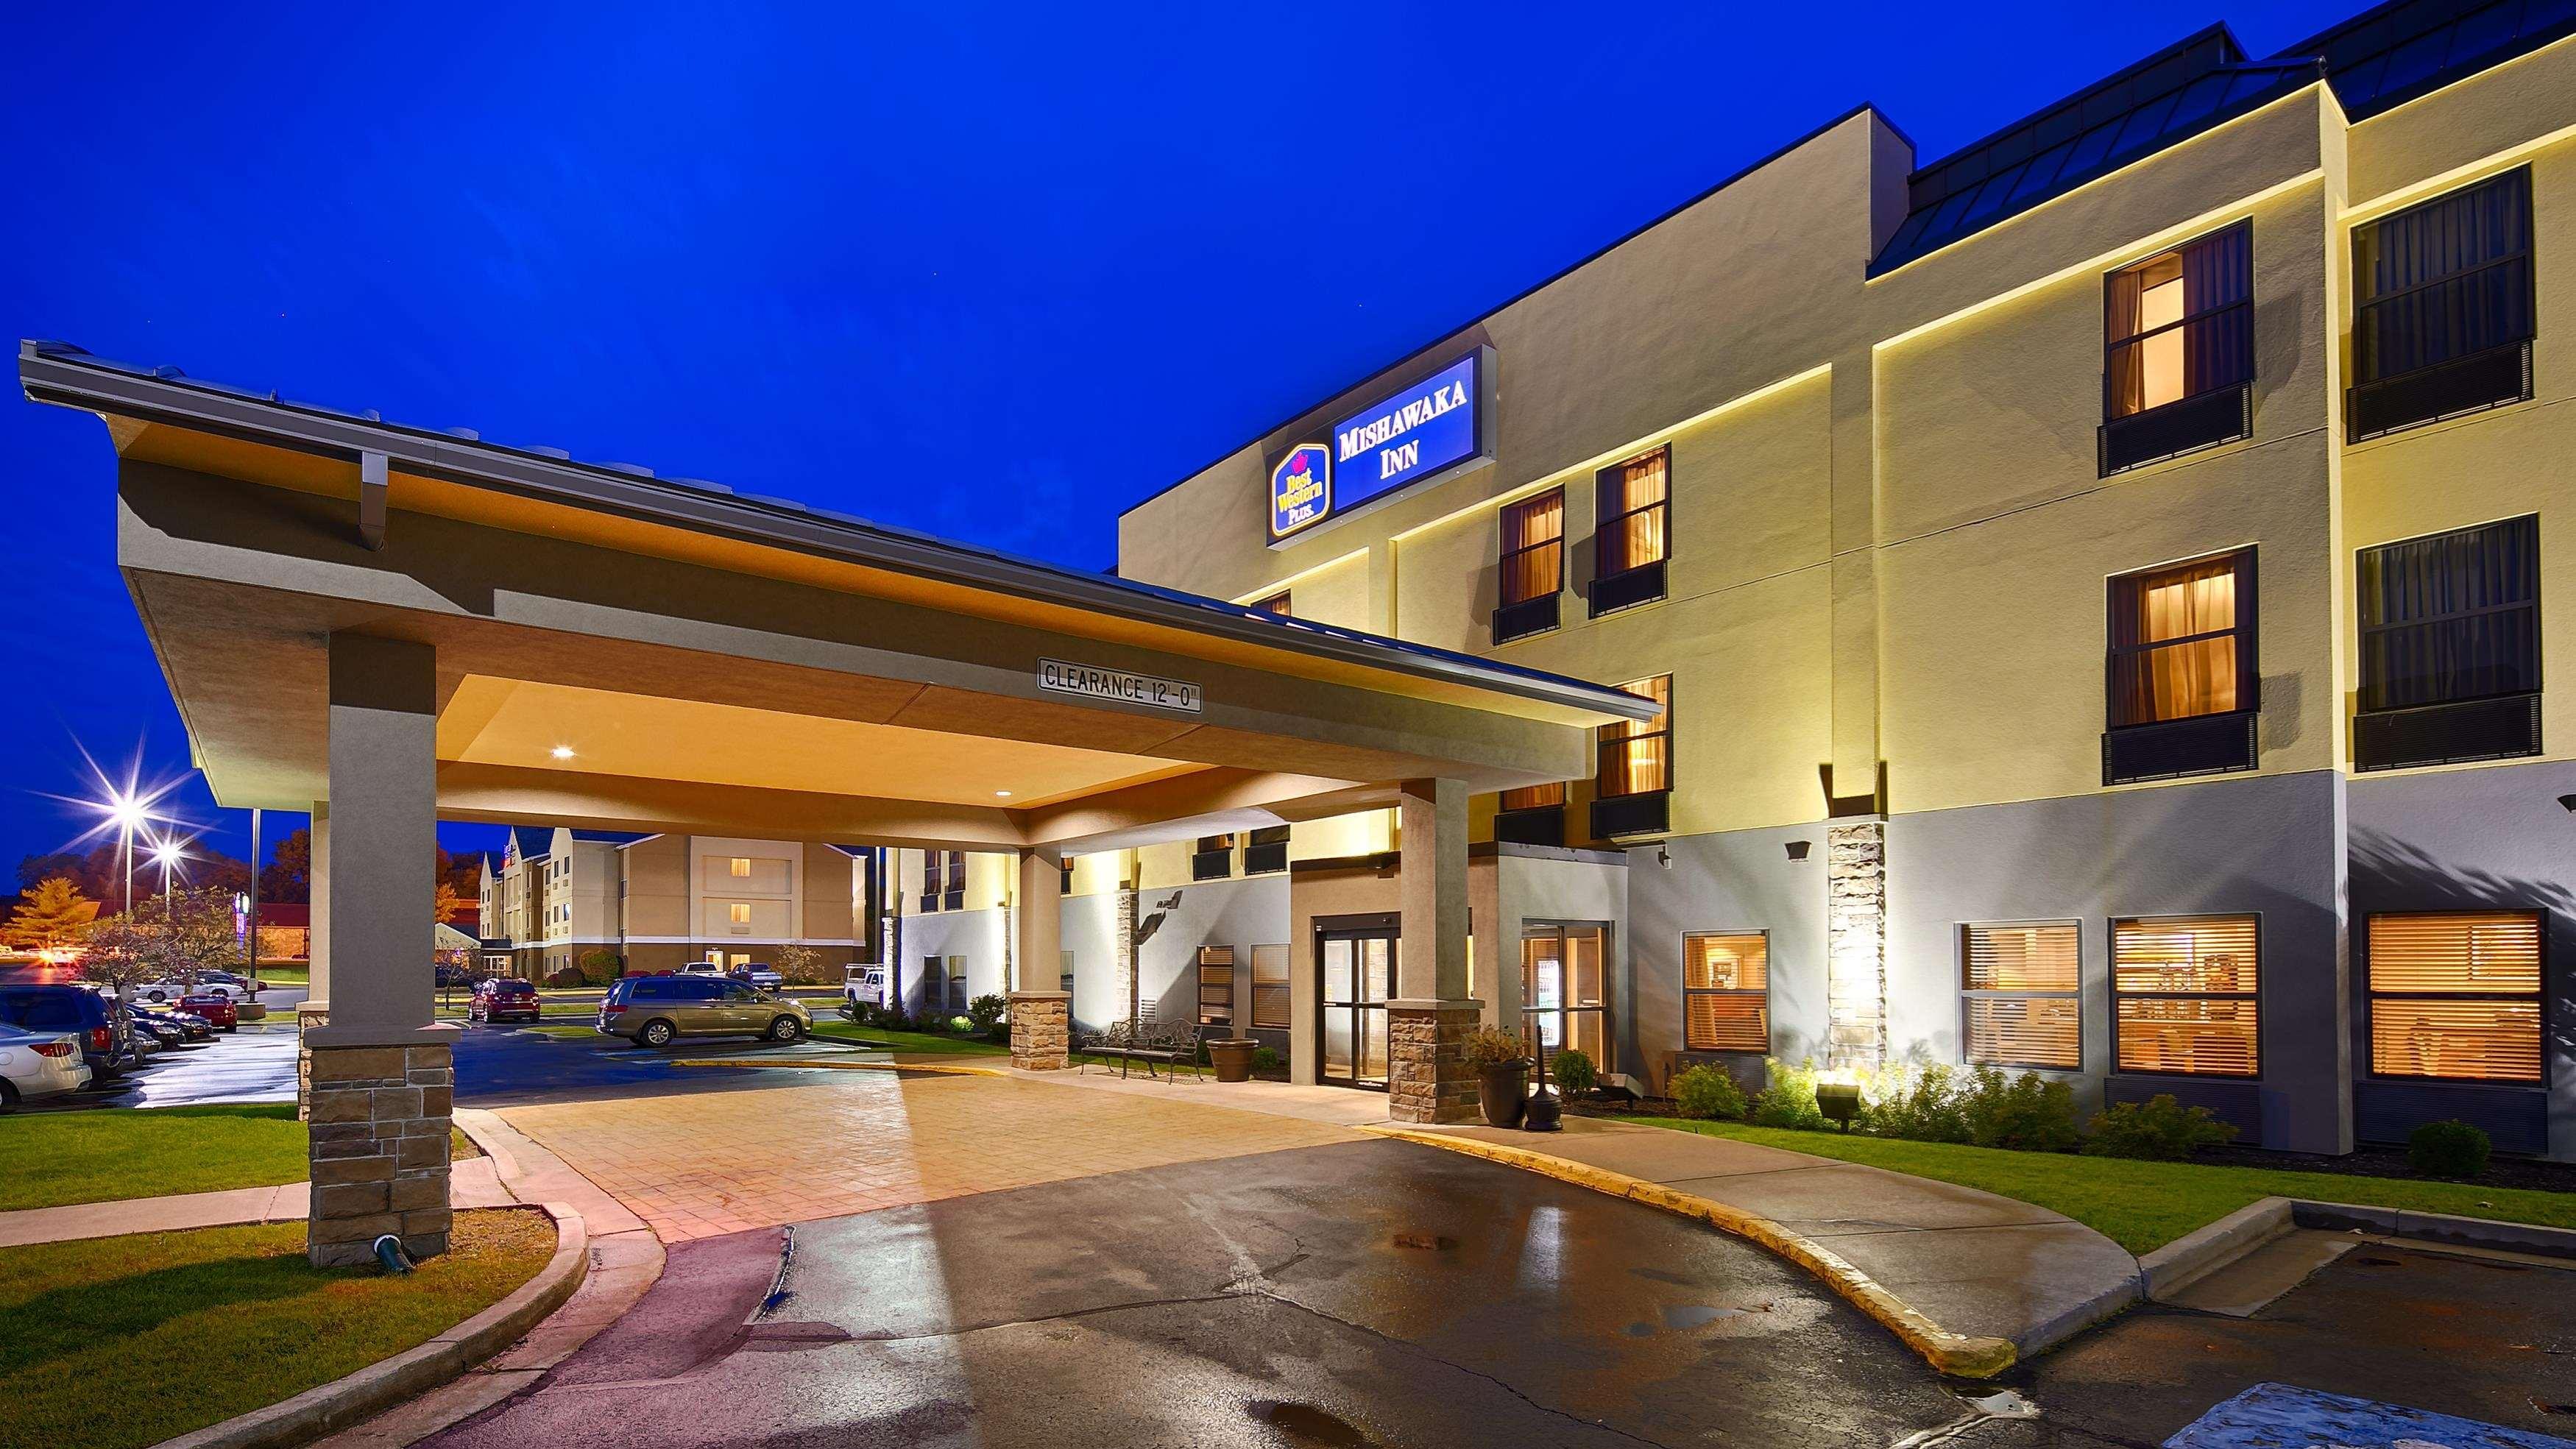 Hotels Near Mishawaka Indiana